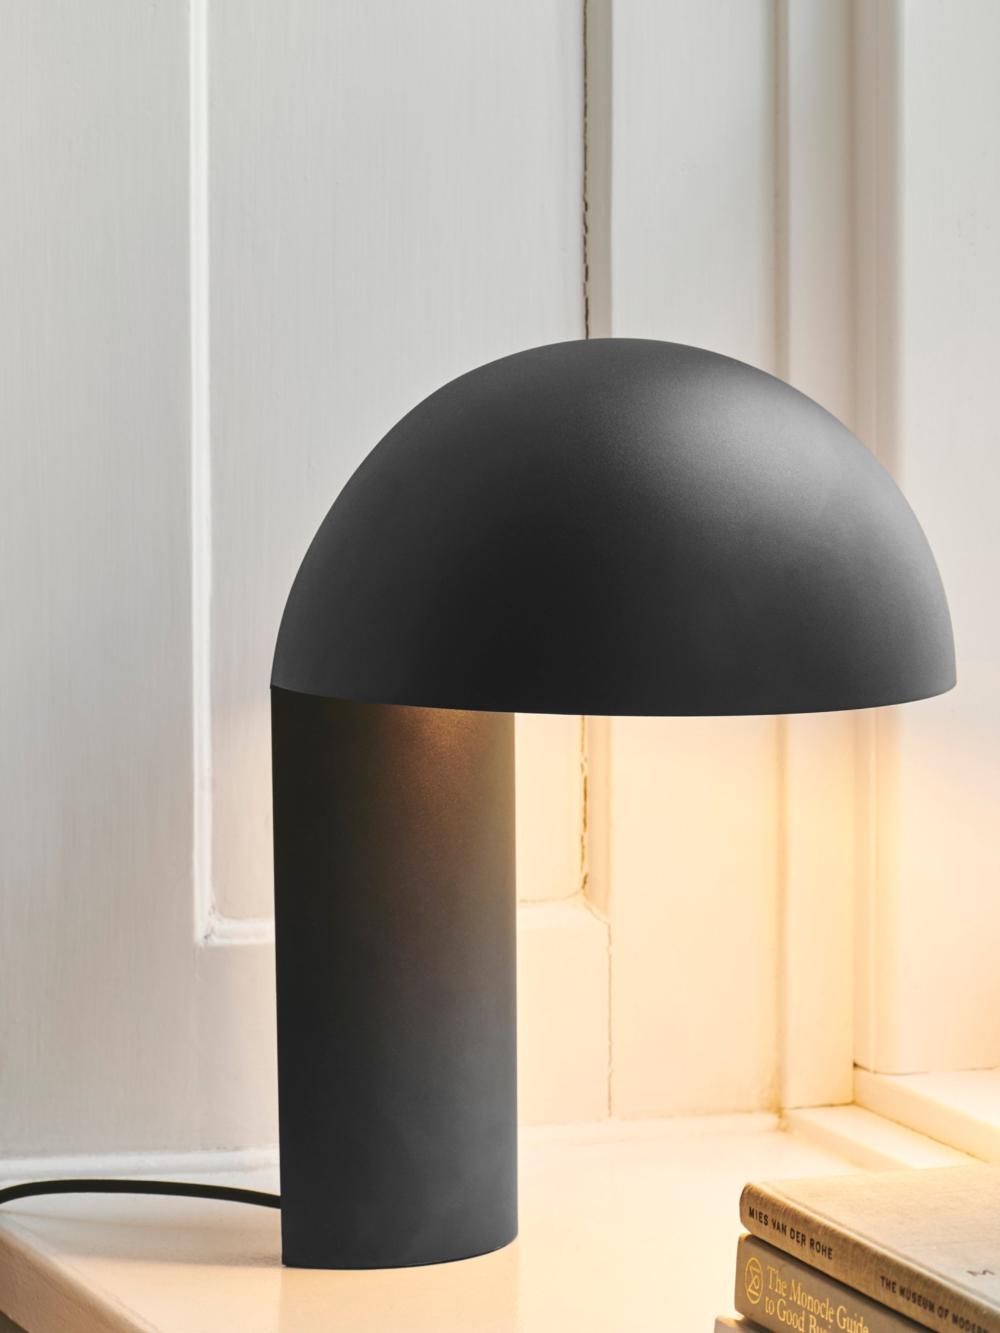 Lampe De Table Leery By Gejst Design Kasper Friis Egelund En 2020 Lampes De Table Lampe De Table Design Ameublement